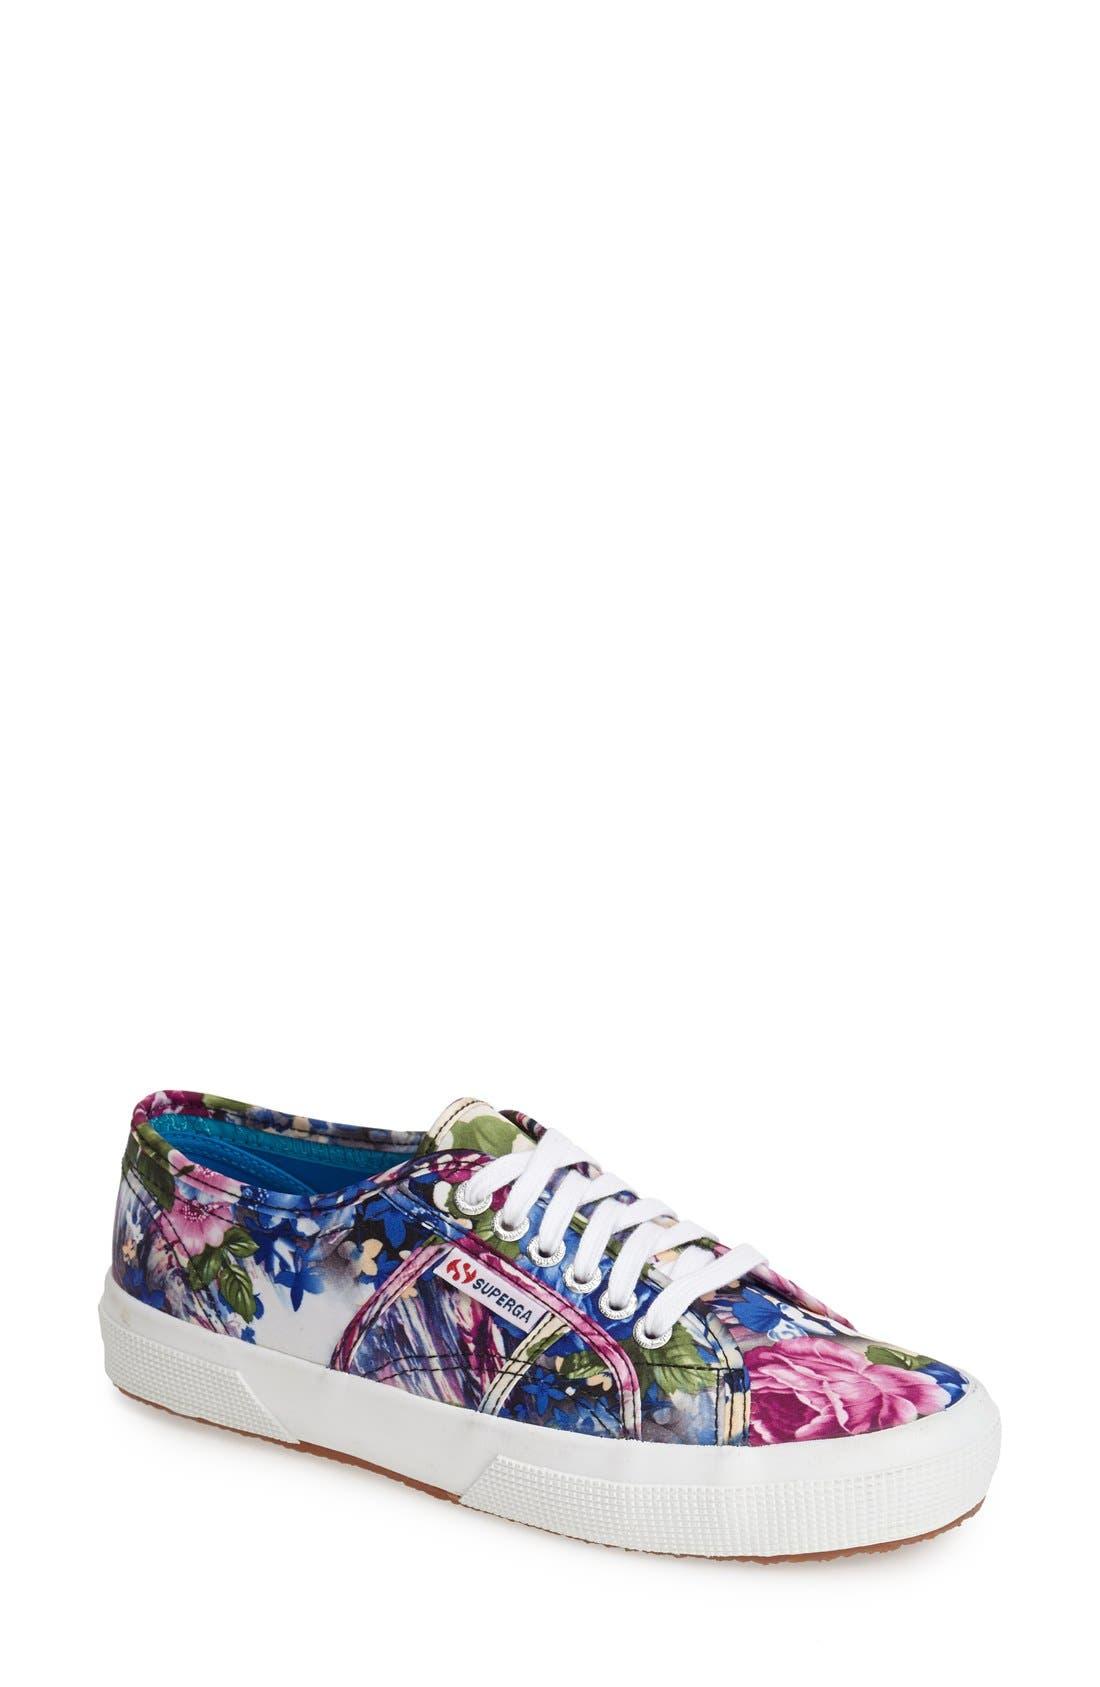 Alternate Image 1 Selected - Superga 'Cotu' Floral Print Sneaker (Women)